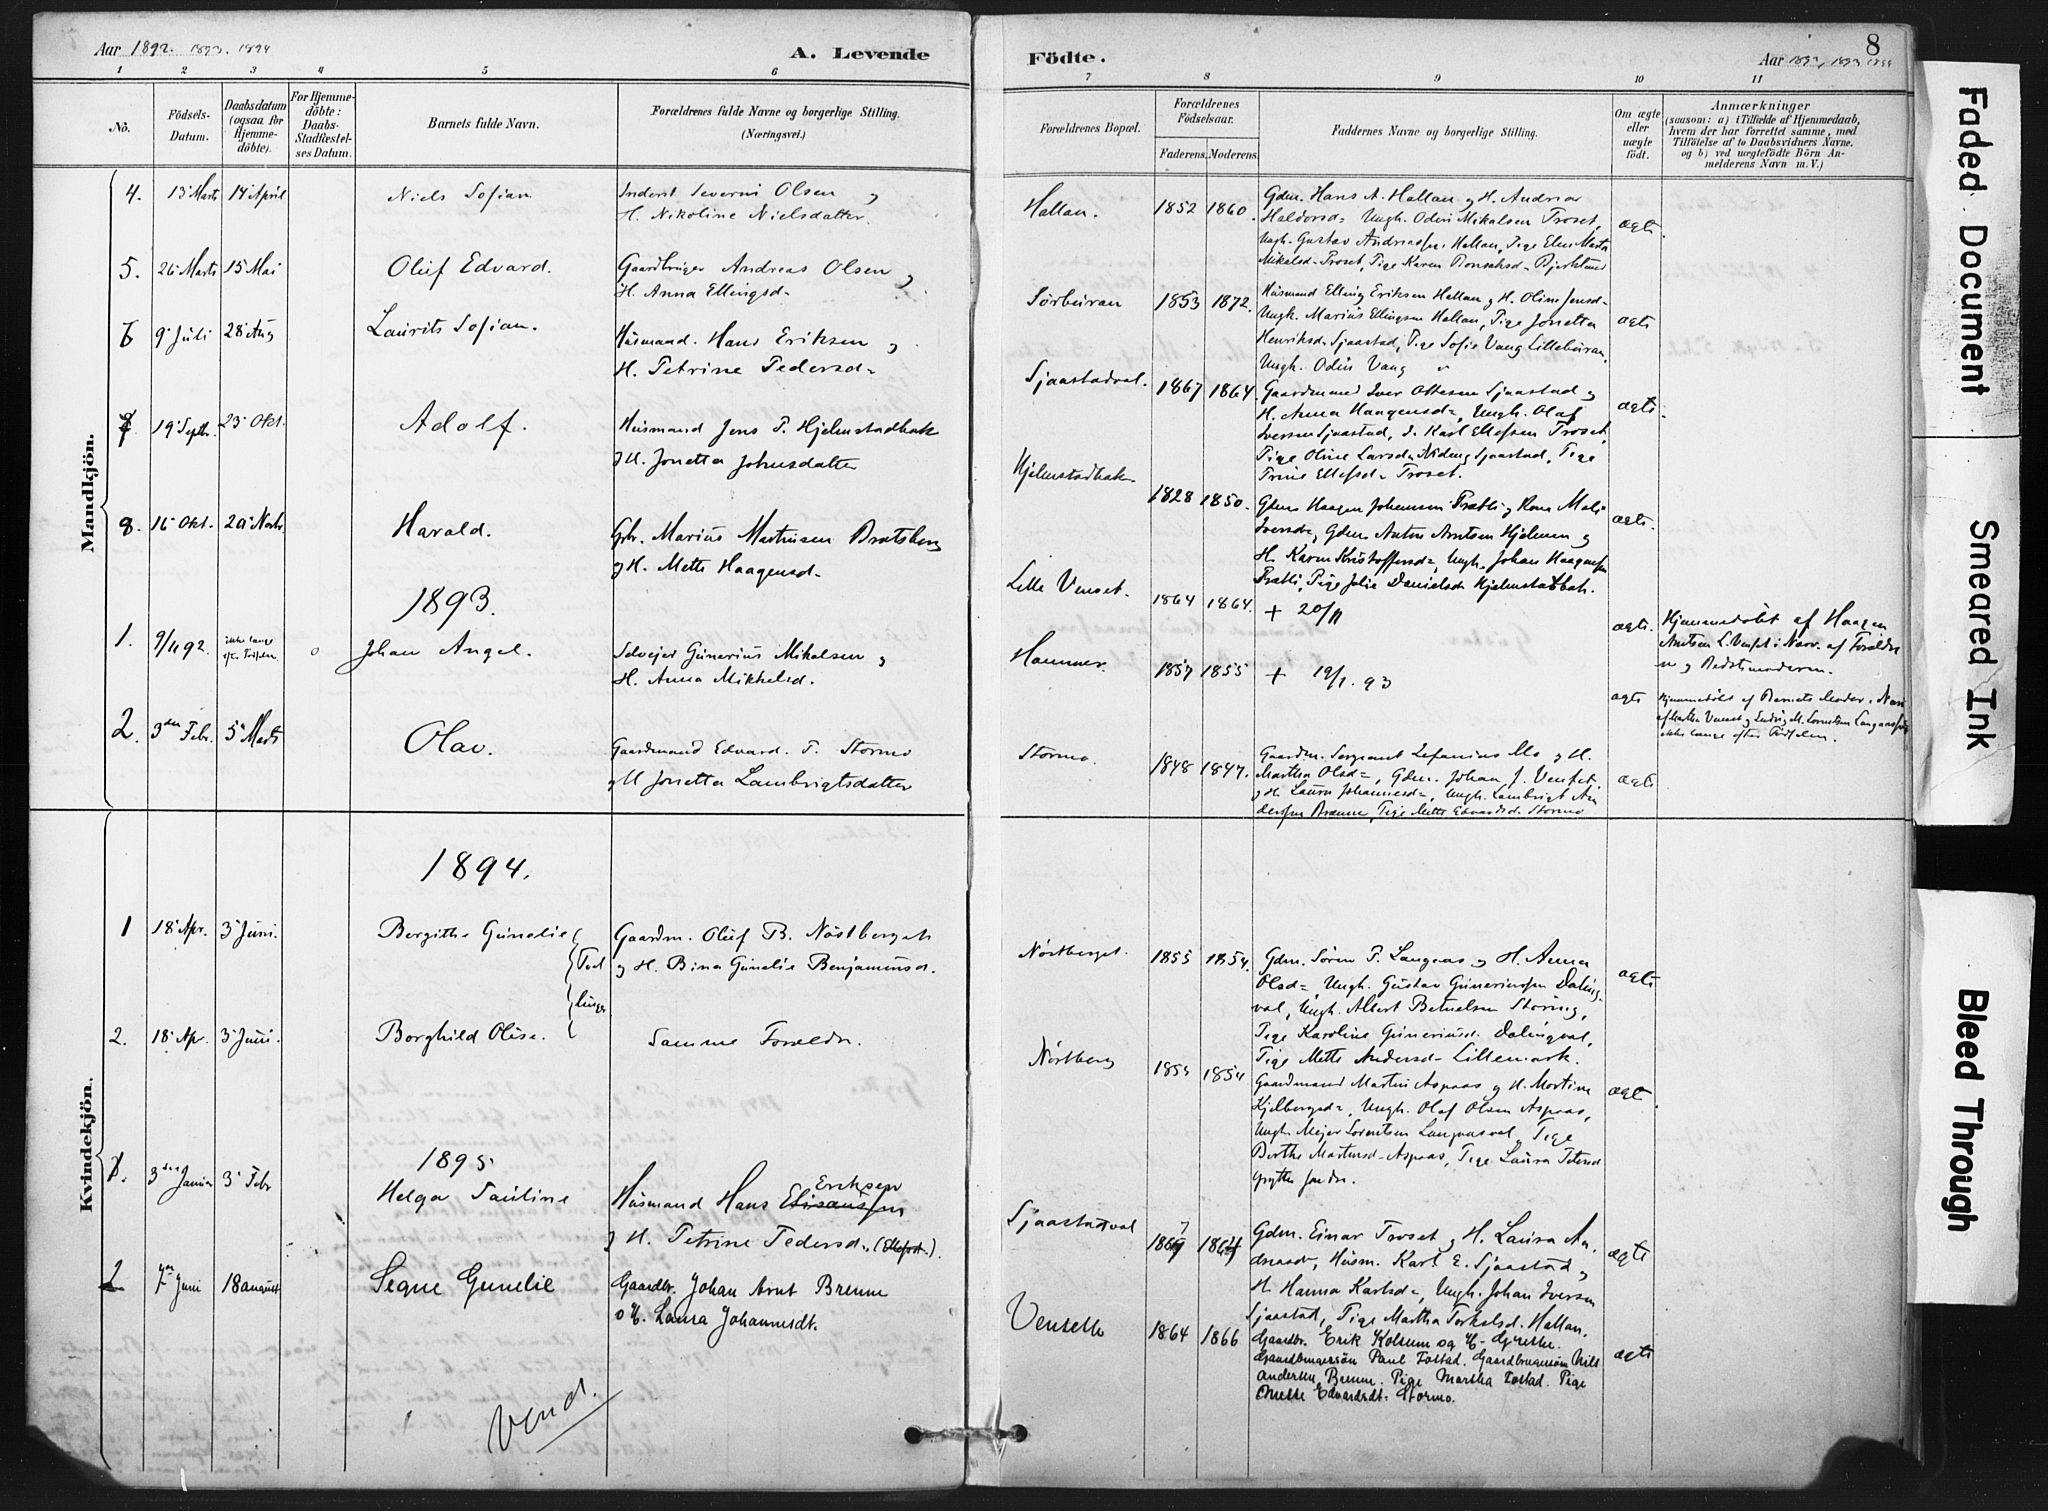 SAT, Ministerialprotokoller, klokkerbøker og fødselsregistre - Nord-Trøndelag, 718/L0175: Ministerialbok nr. 718A01, 1890-1923, s. 8